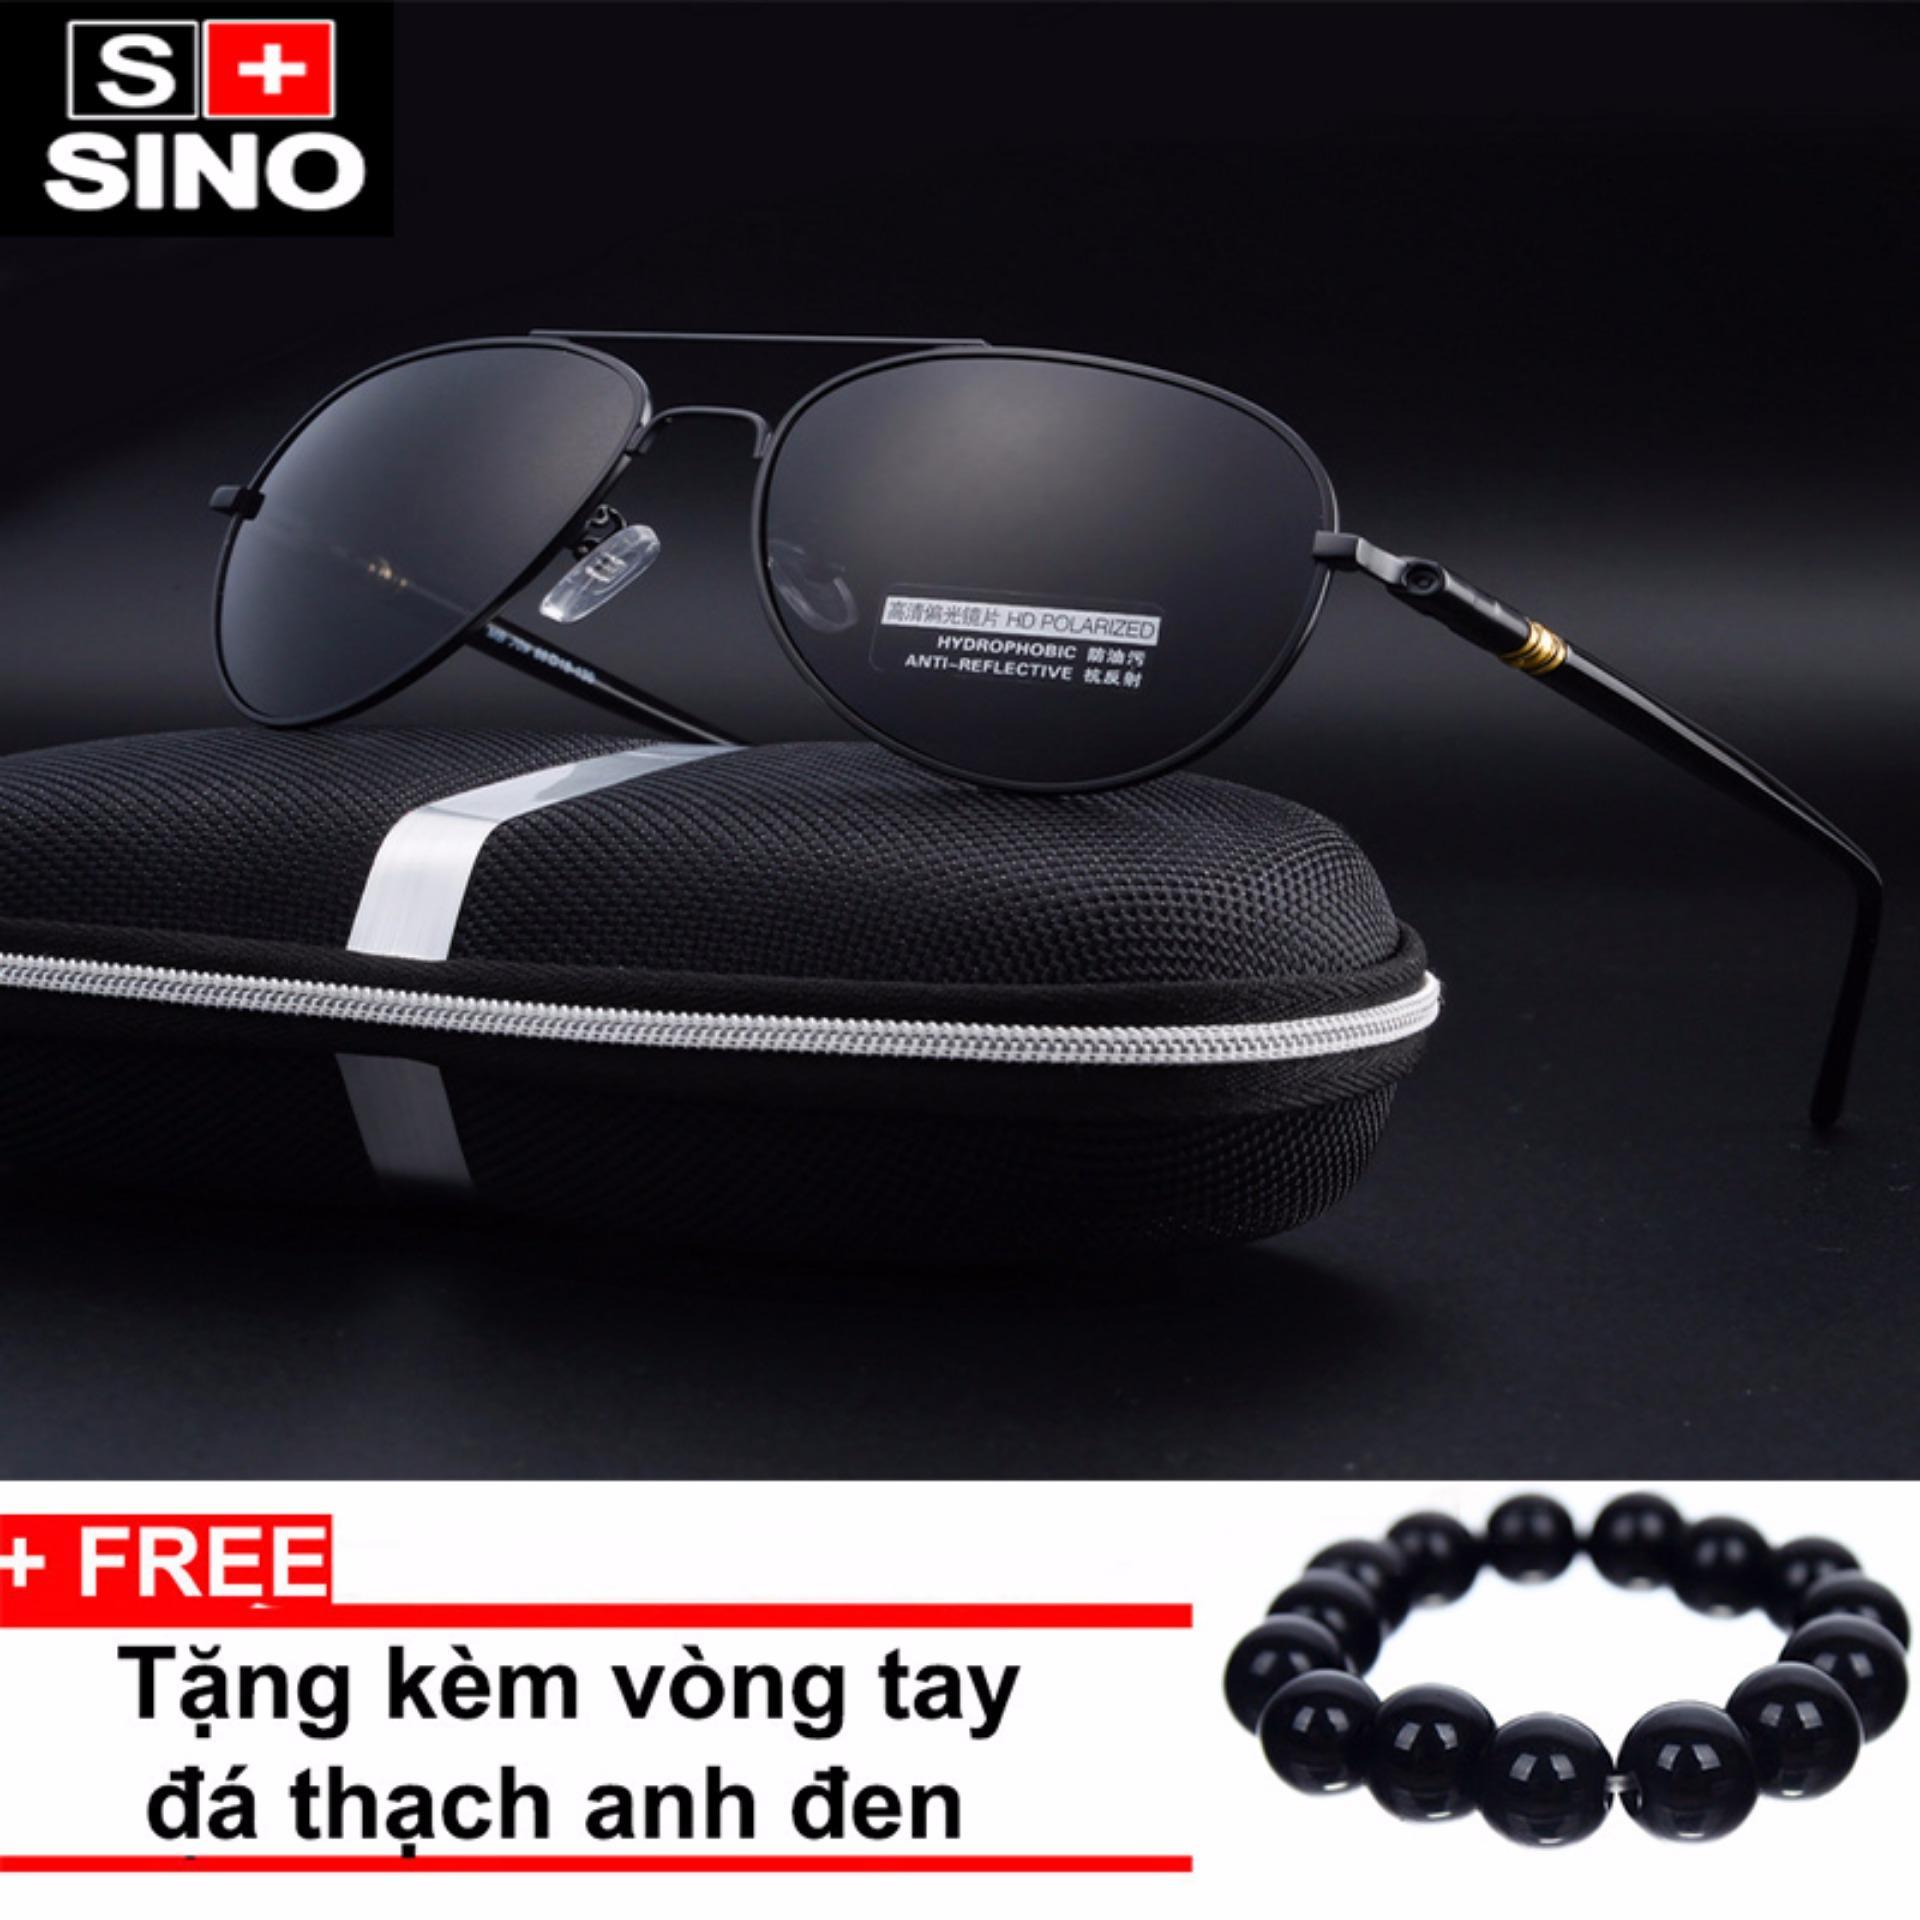 Chi tiết sản phẩm Kính mát thời trang nữ cao cấp Sino SN681+ Tặng kèm vòng tay thạch anh đen